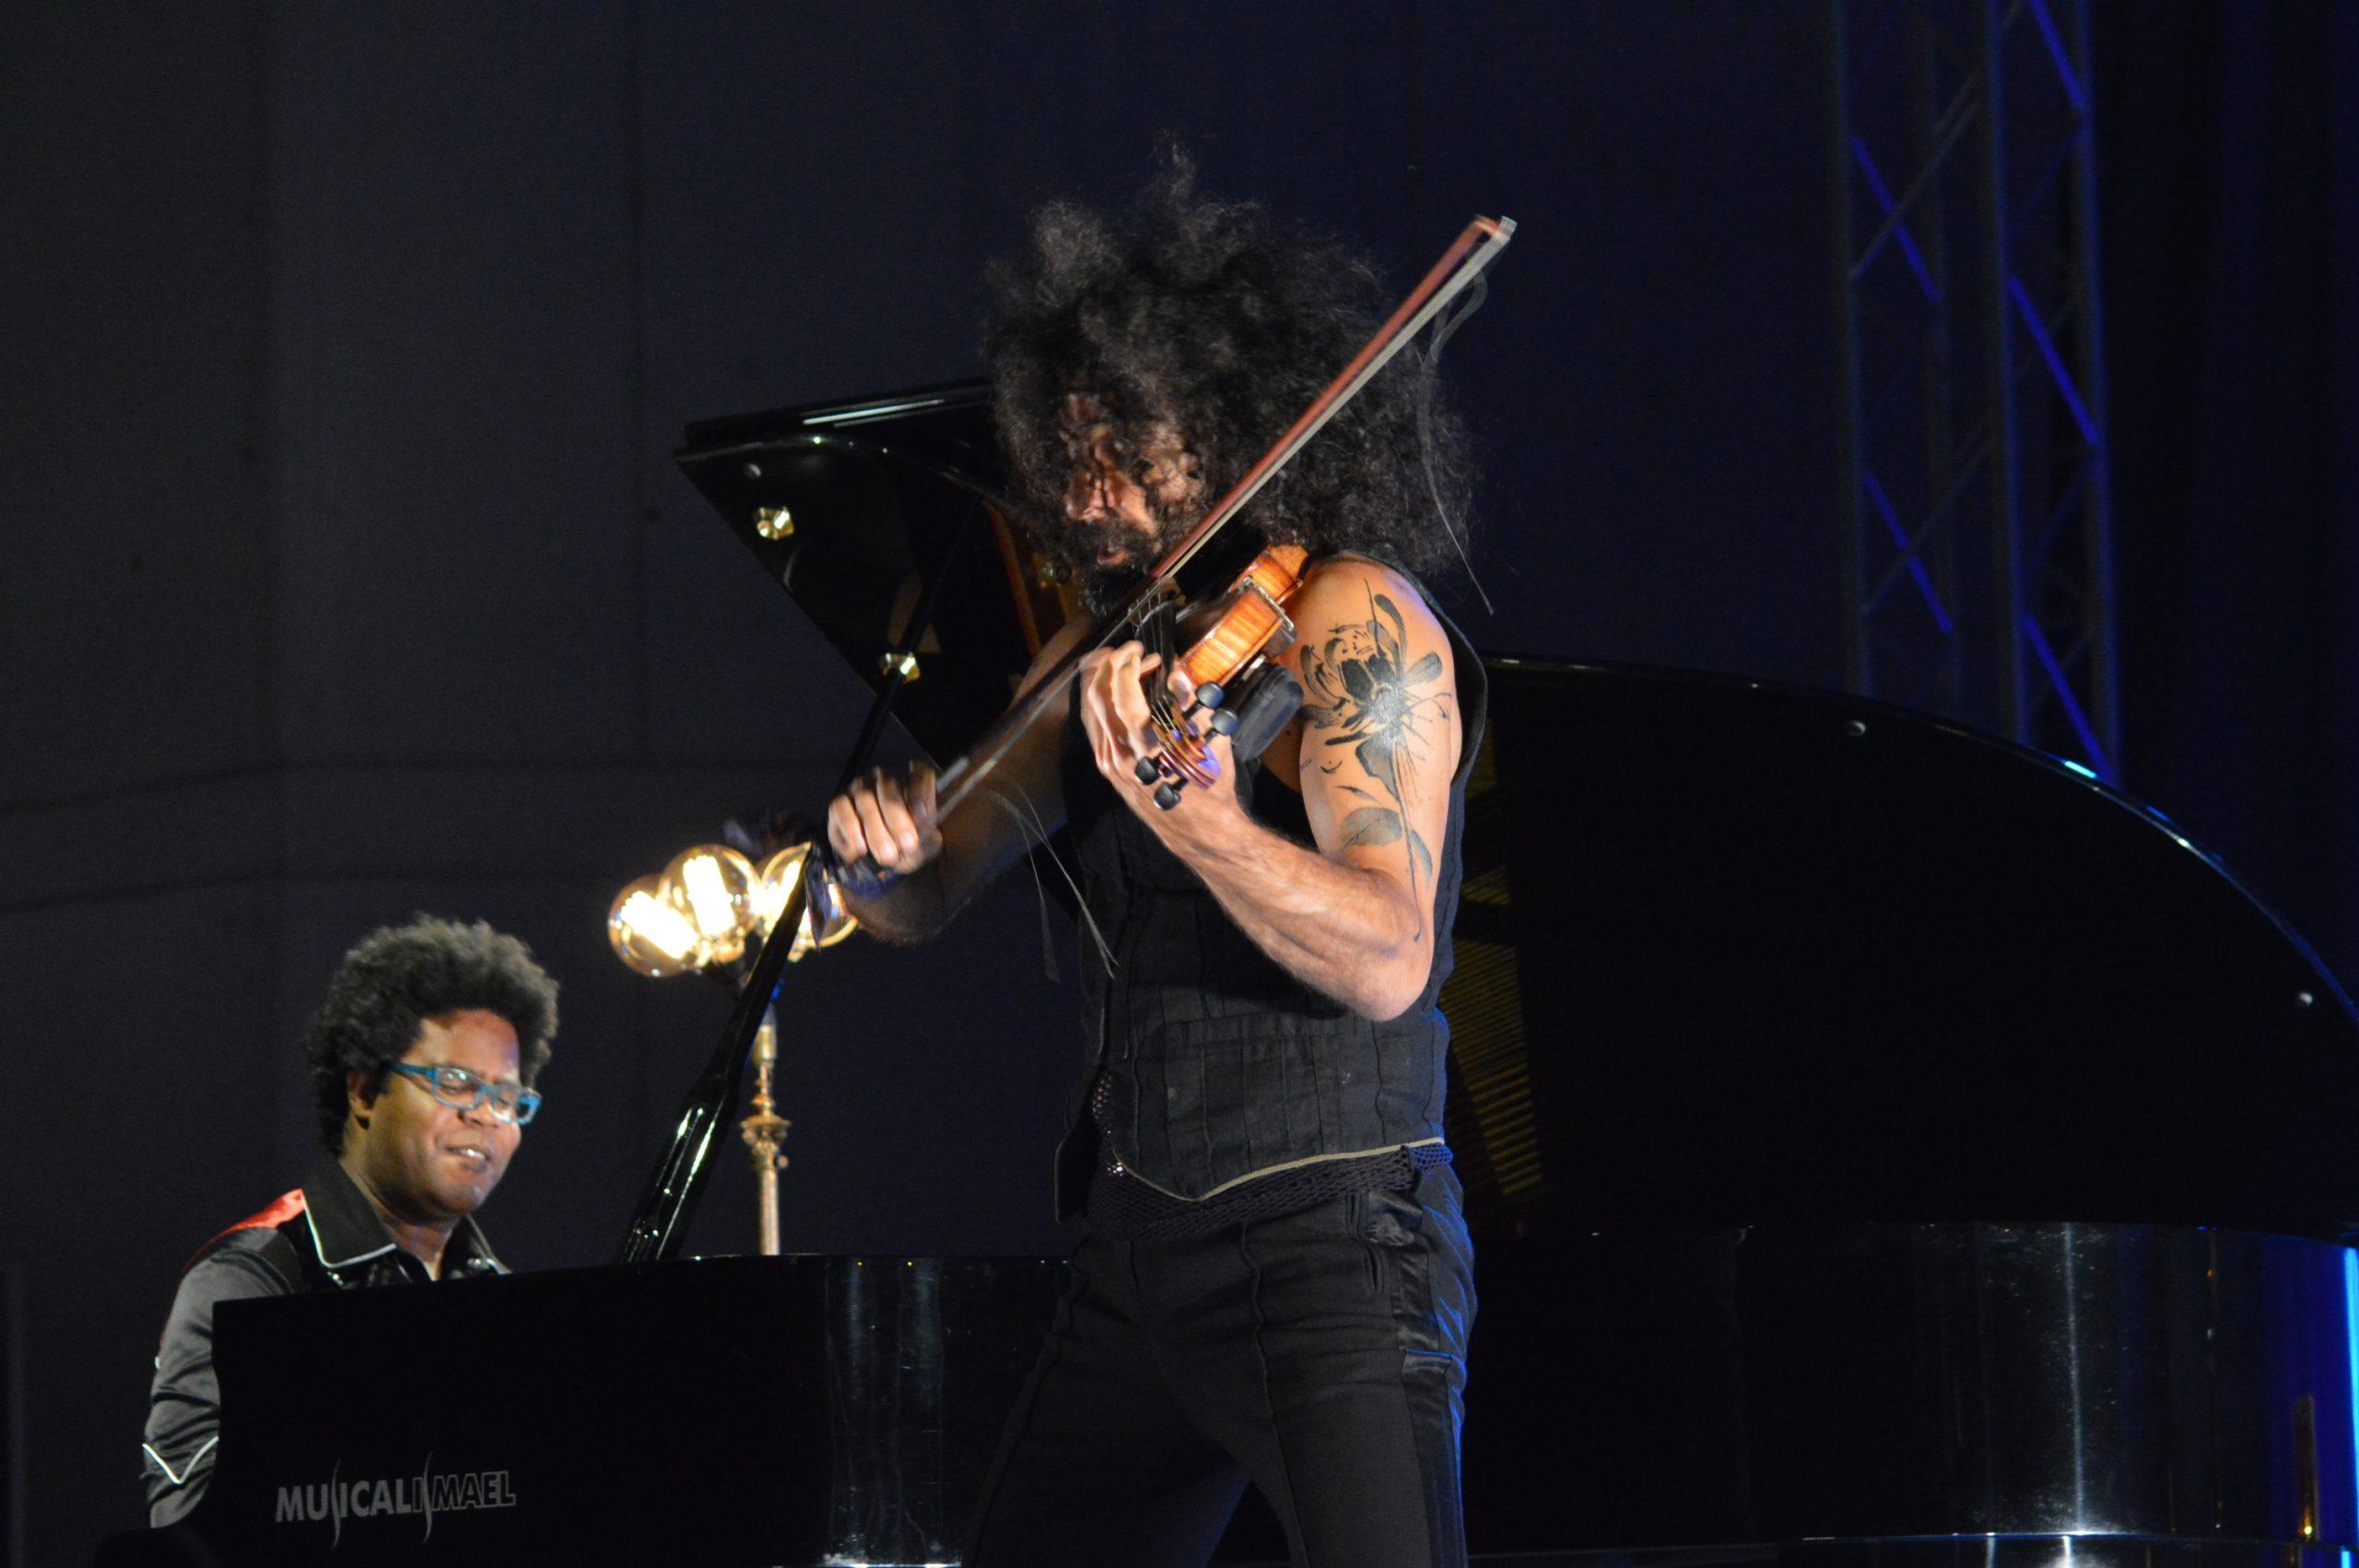 Ara Malikian emociona en su regreso a Ponferrada demostrando una vez más su virtuosismo con el violín 20